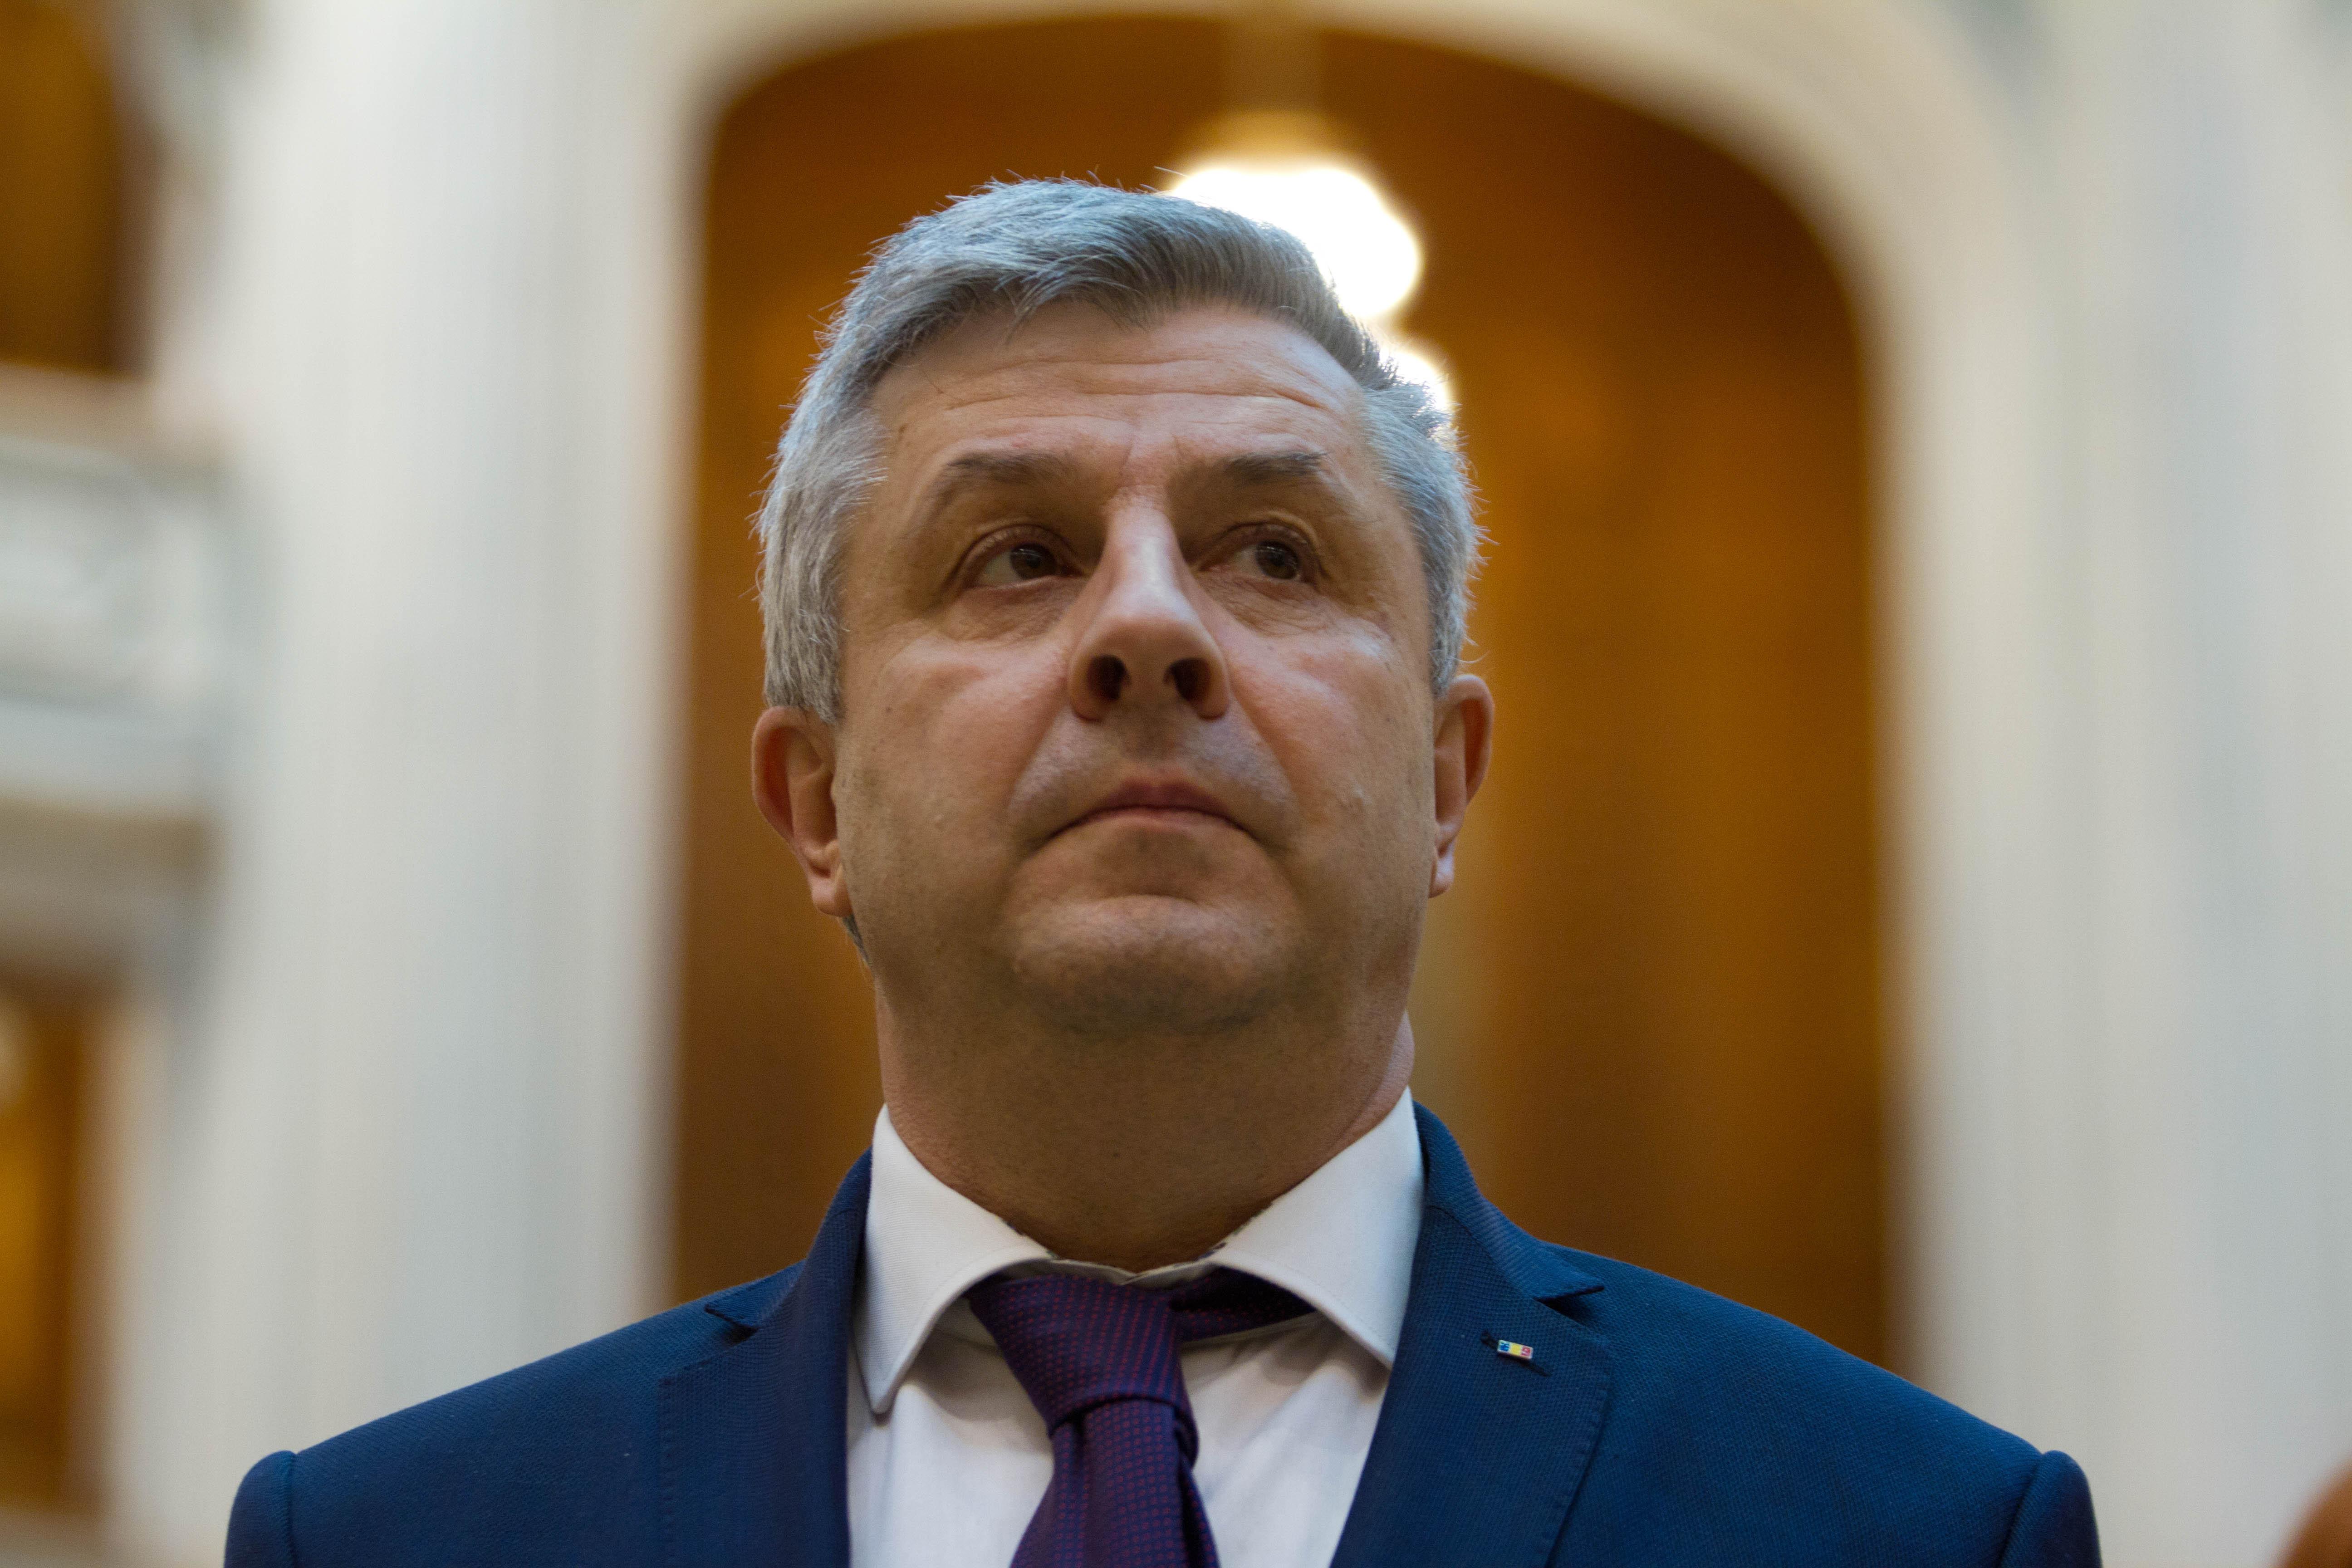 Legile justiţiei: Şedinţa Comisiei Iordache, convocată cu două ore mai devreme pentru Raportul la Statutul magistraţilor/ Procurorii sunt independenţi `în condiţiile` Legii privind organizarea judiciară